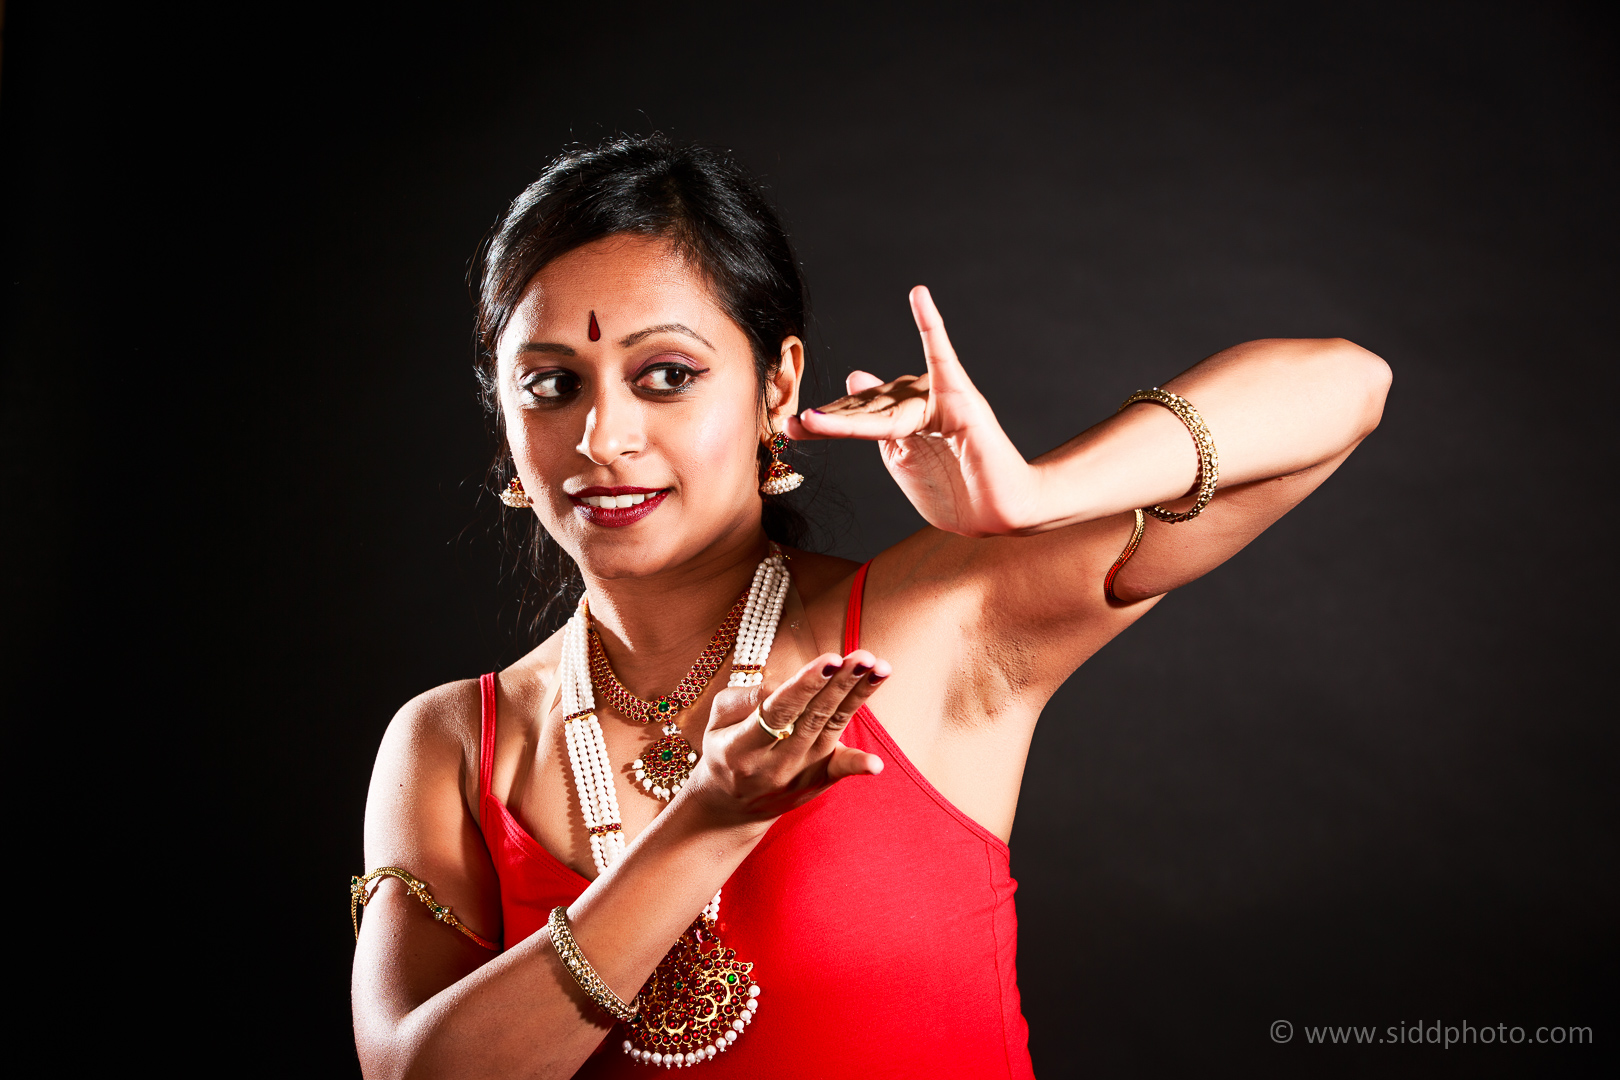 2012-09-24 - Shanthi's Photoshoot - _O5C0664-08